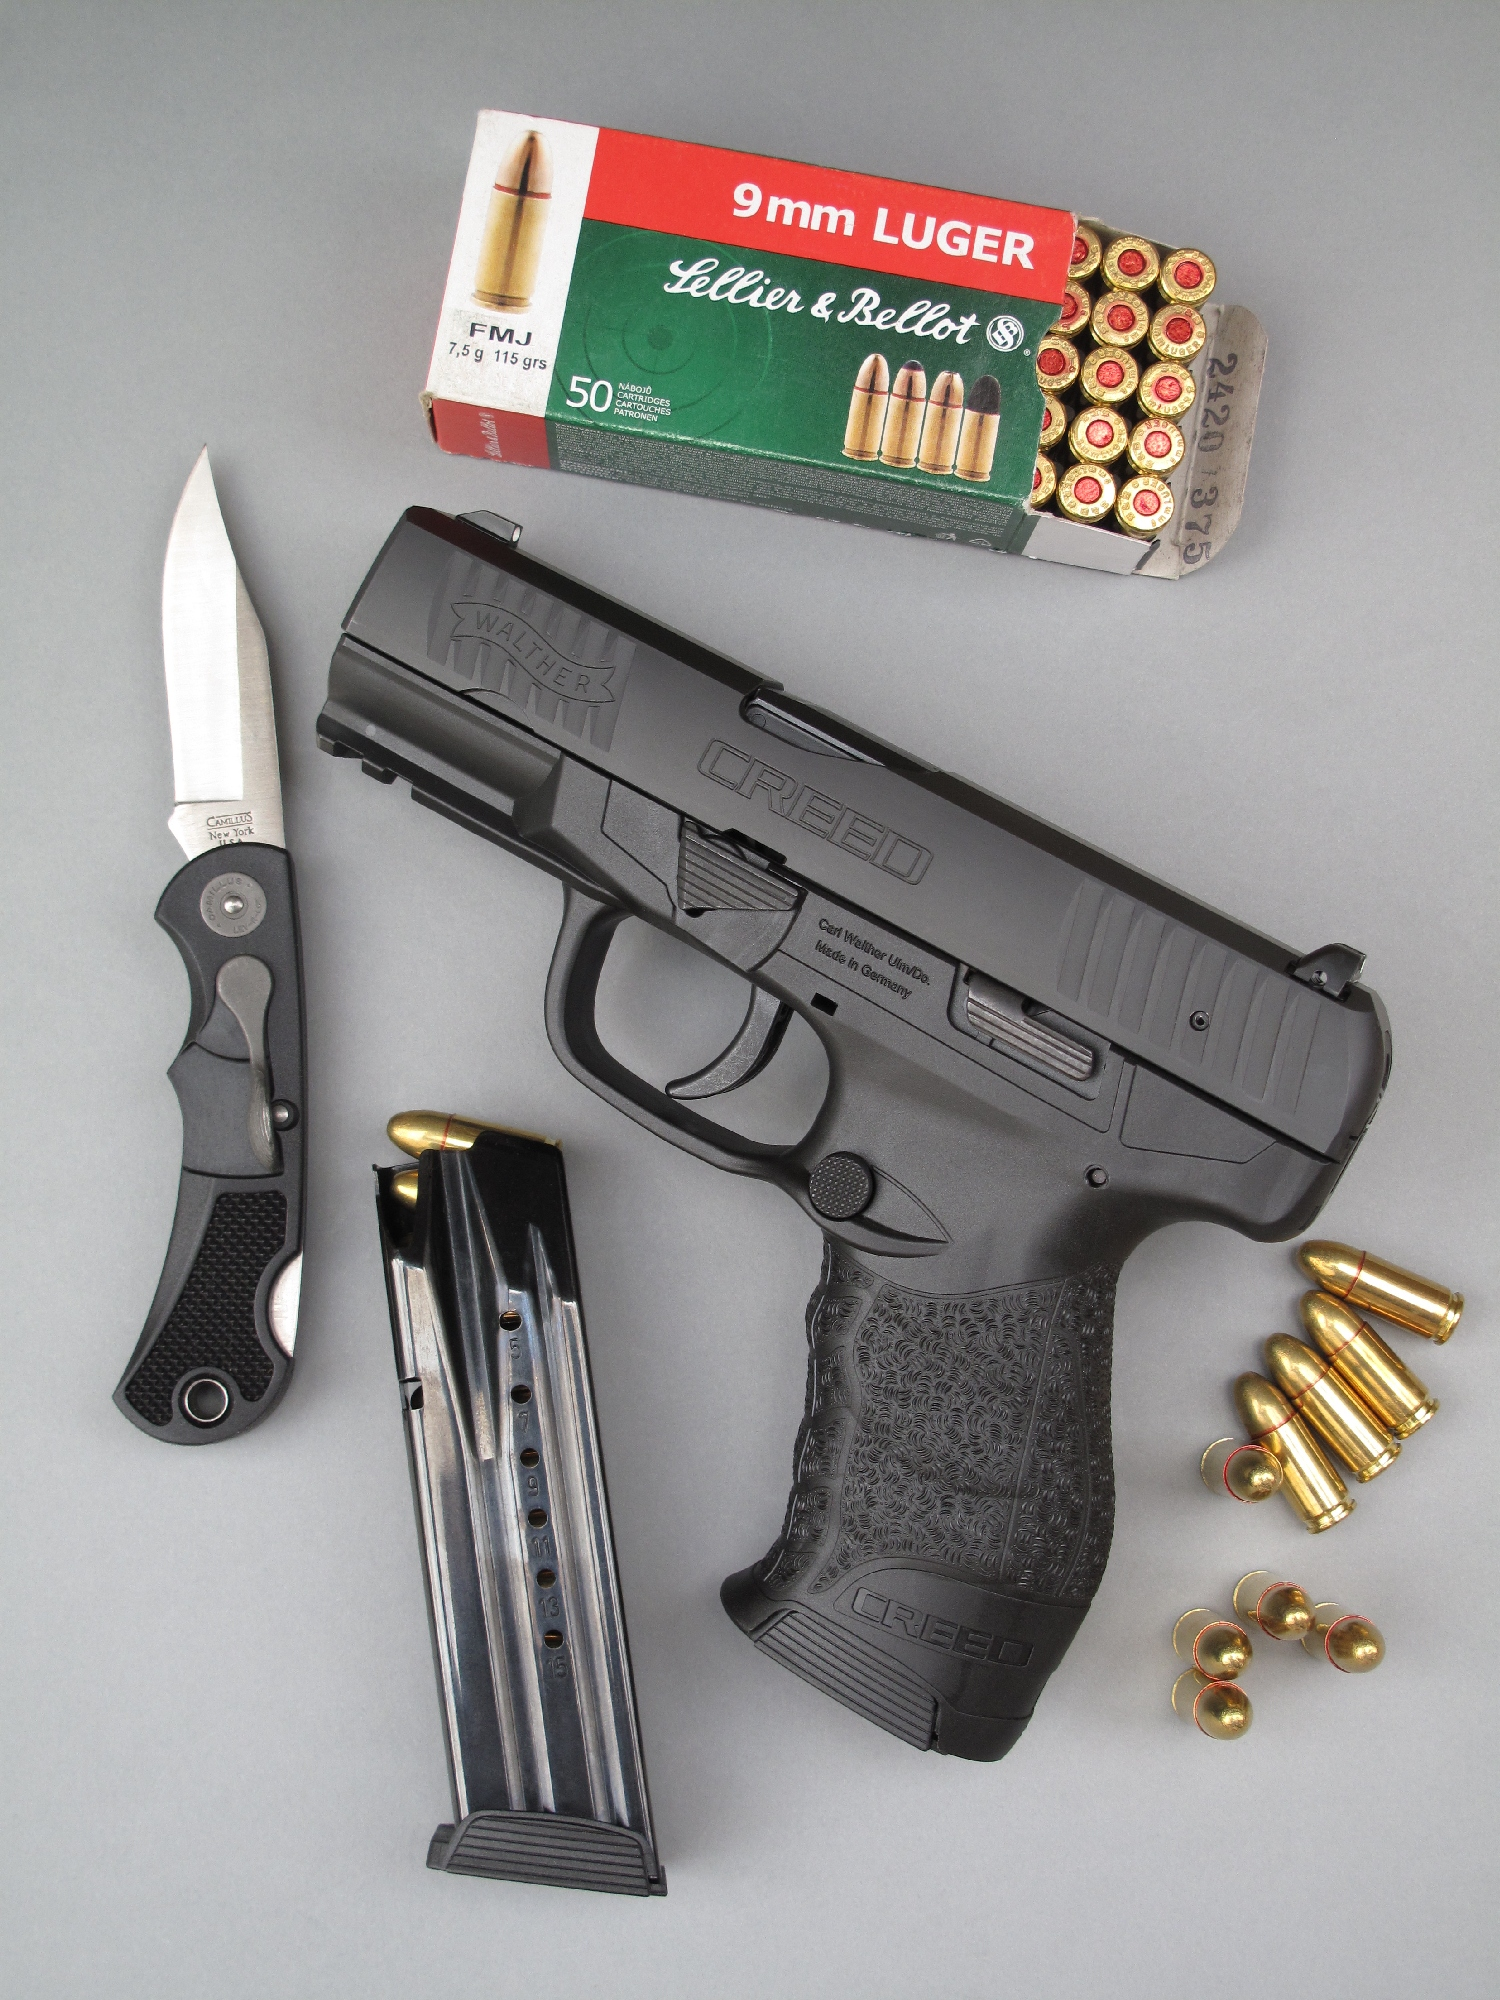 Le pistolet Walther « Creed » que nous avons testé est accompagné ici d'un couteau pliant modèle « Lev-R-Lox » fabriqué par la firme américaine Camillus, dont l'ouverture à une seule main est commandée par un levier latéral.